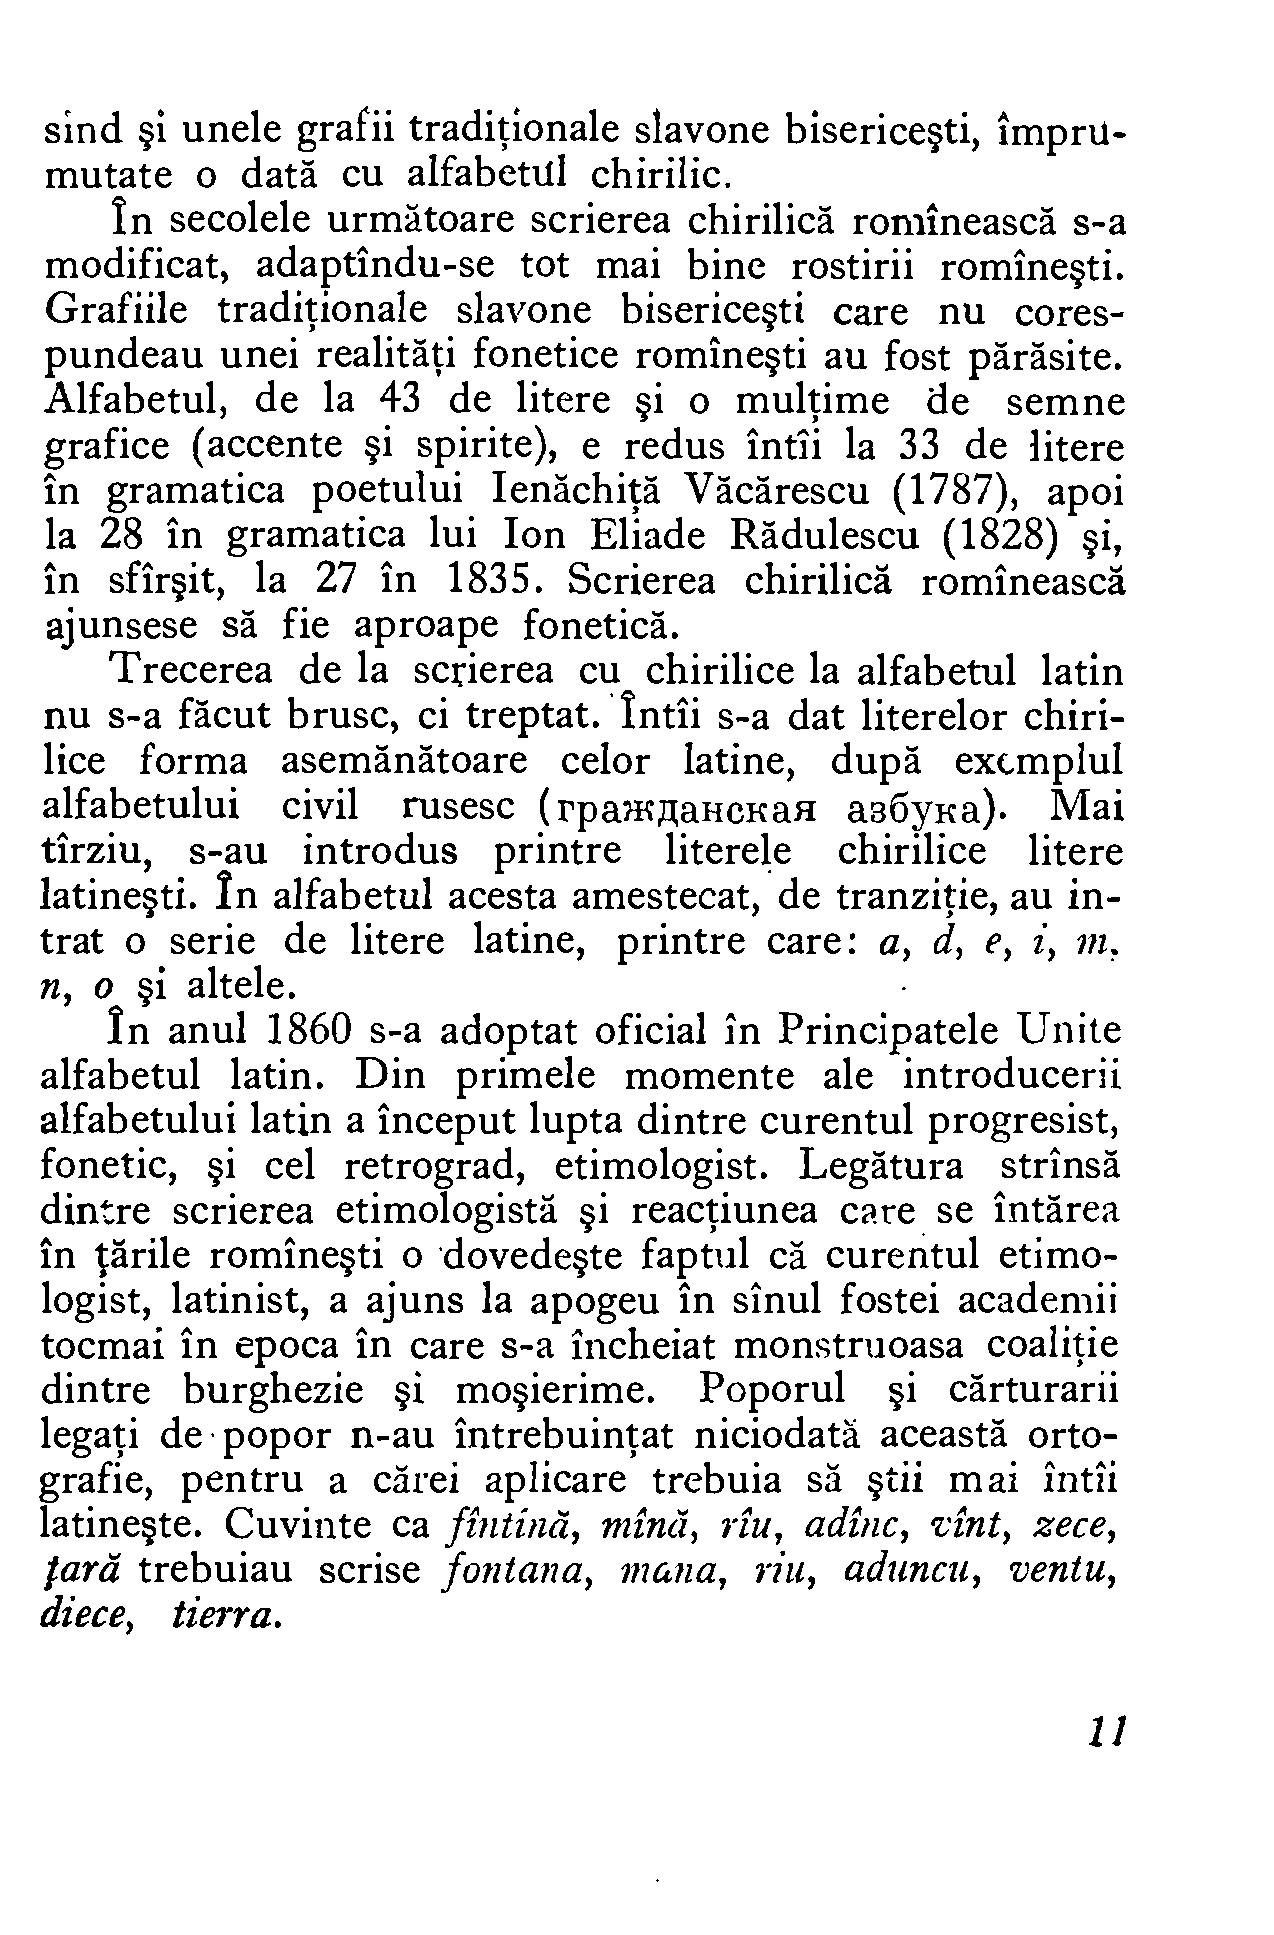 1954 - Mic dicționar ortografic (9).png